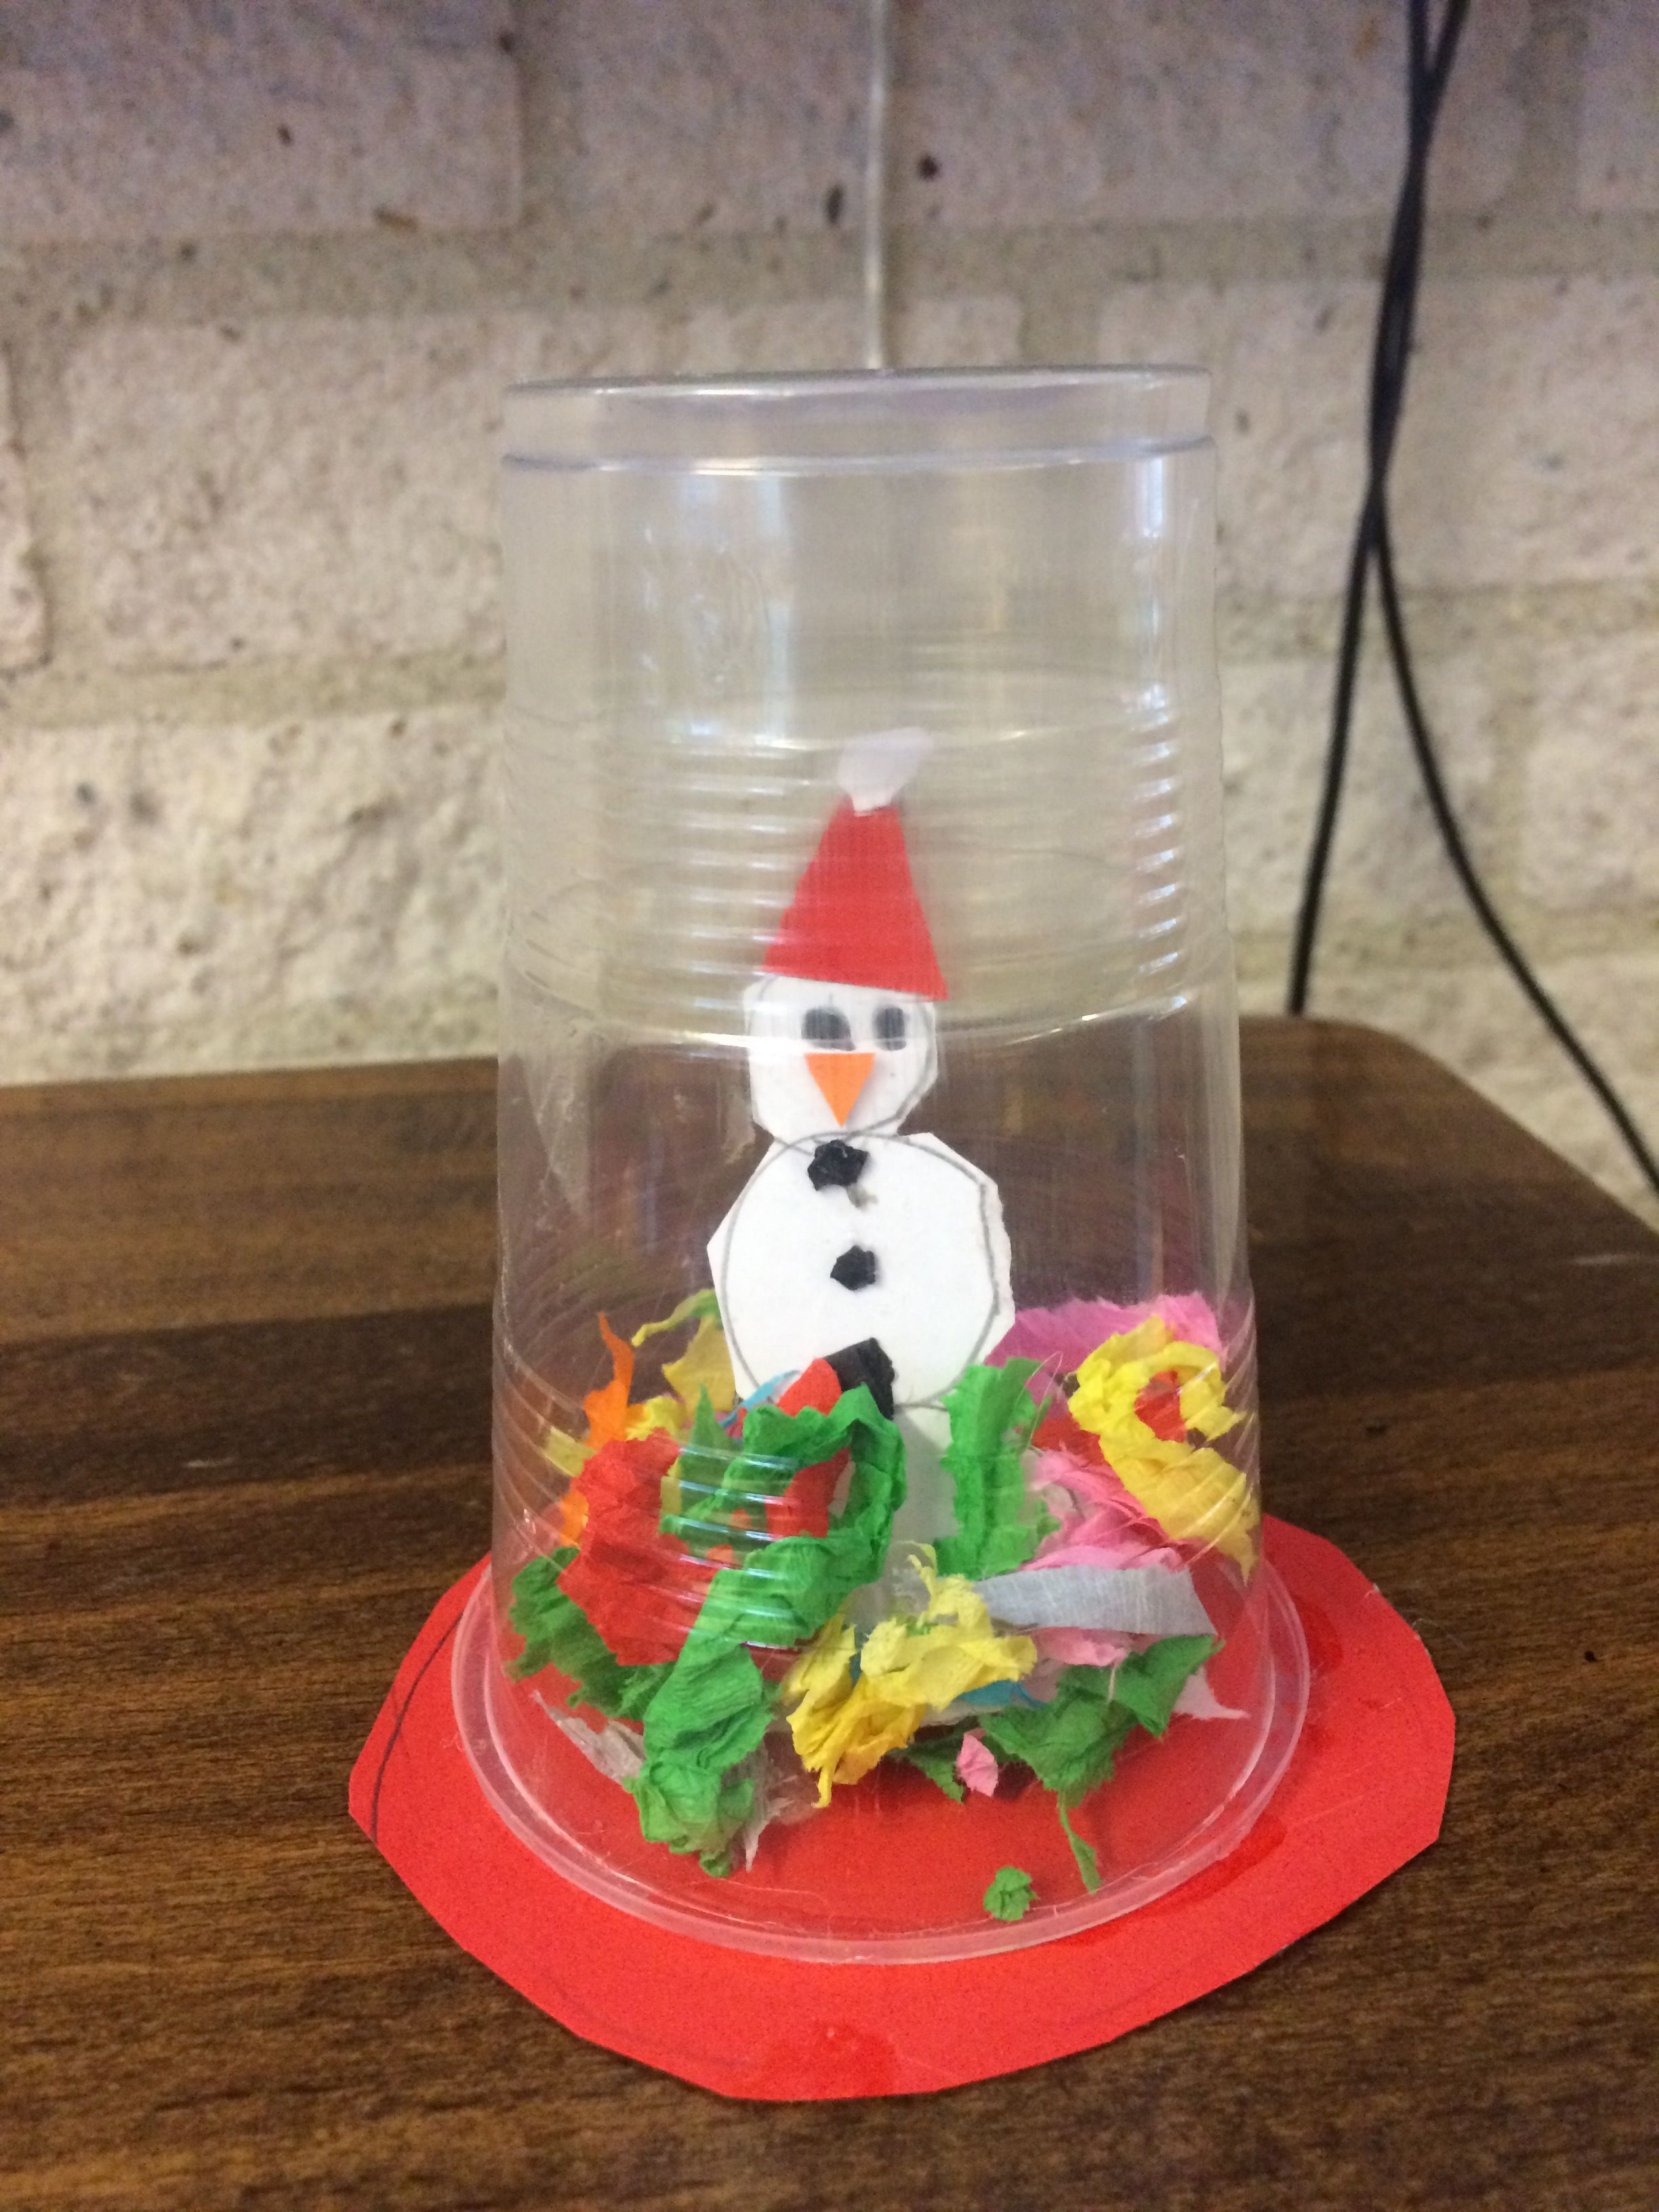 kerst knutselen middenbouw sneeuwbol kerst knutselen